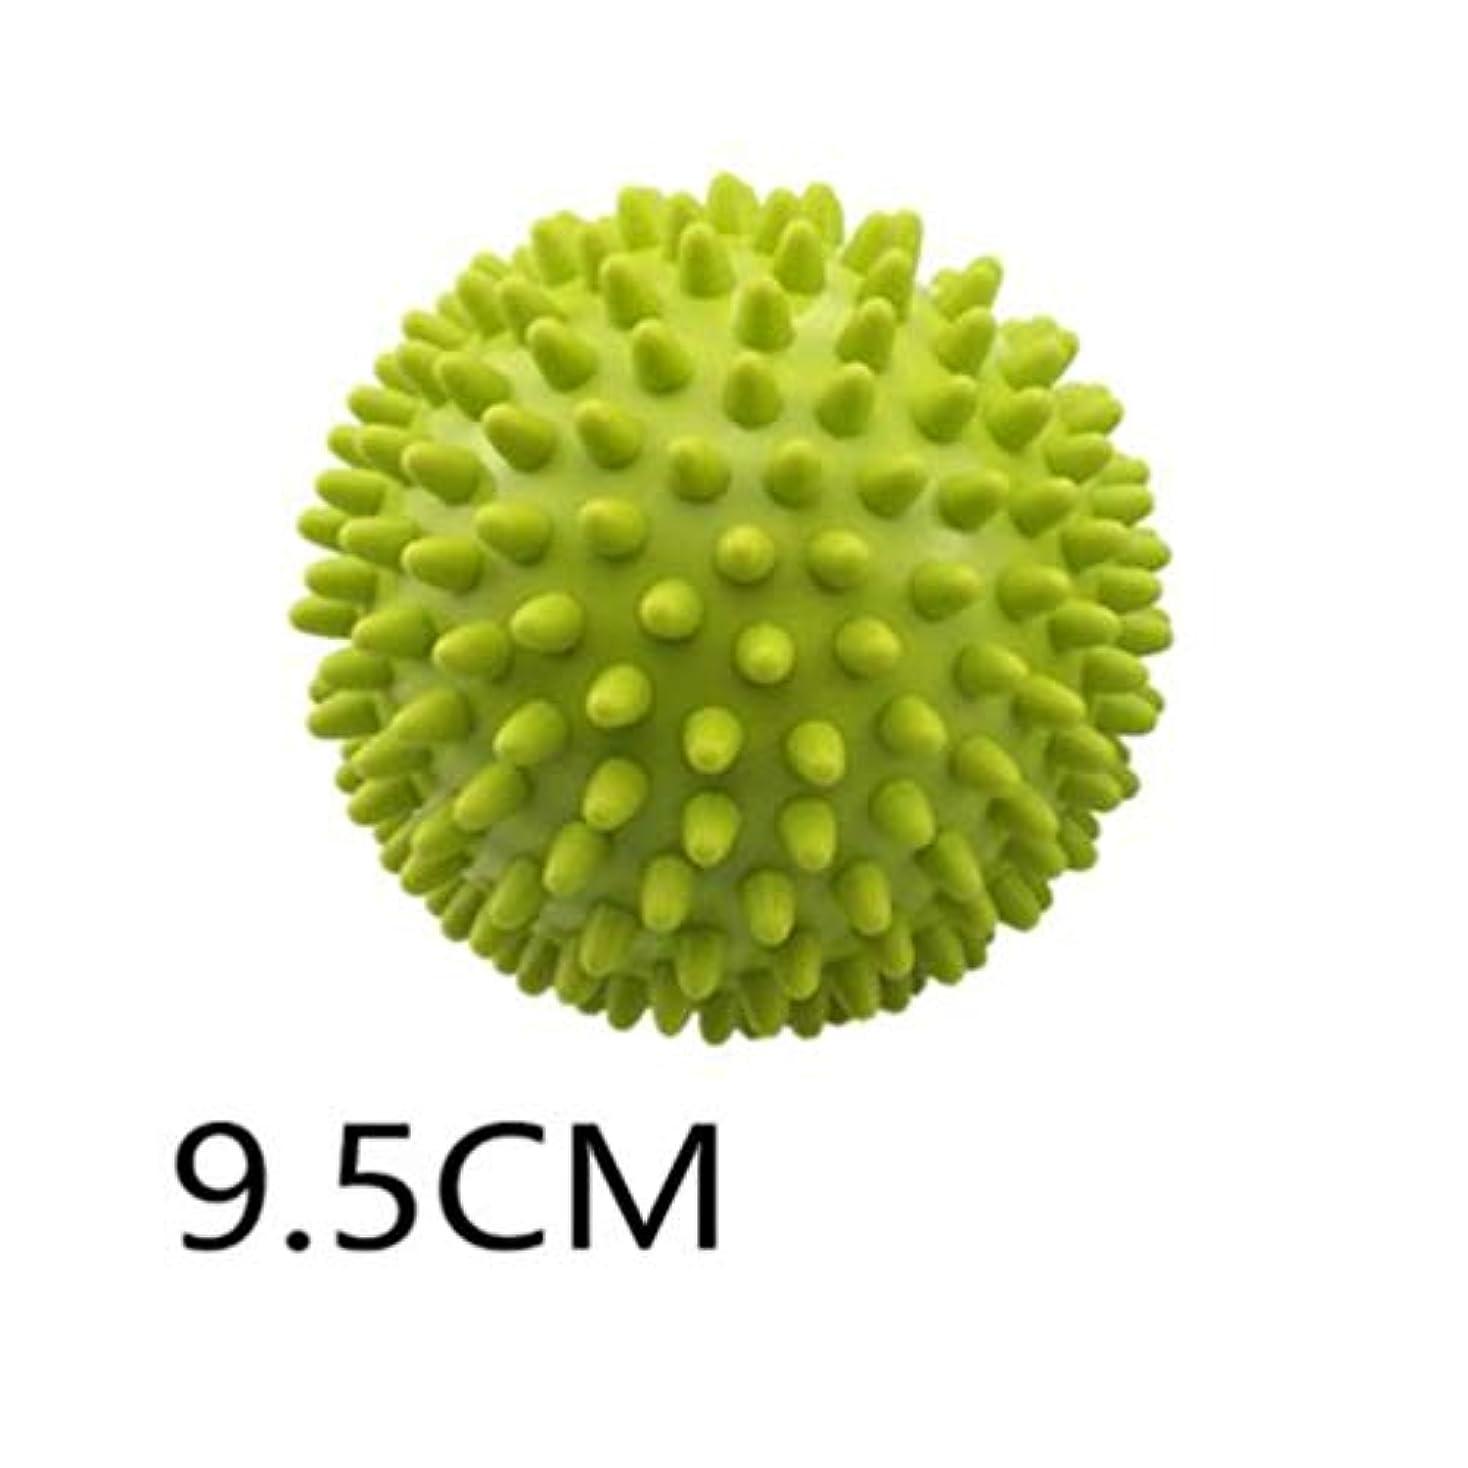 豊富少しとげのボール - グリーン